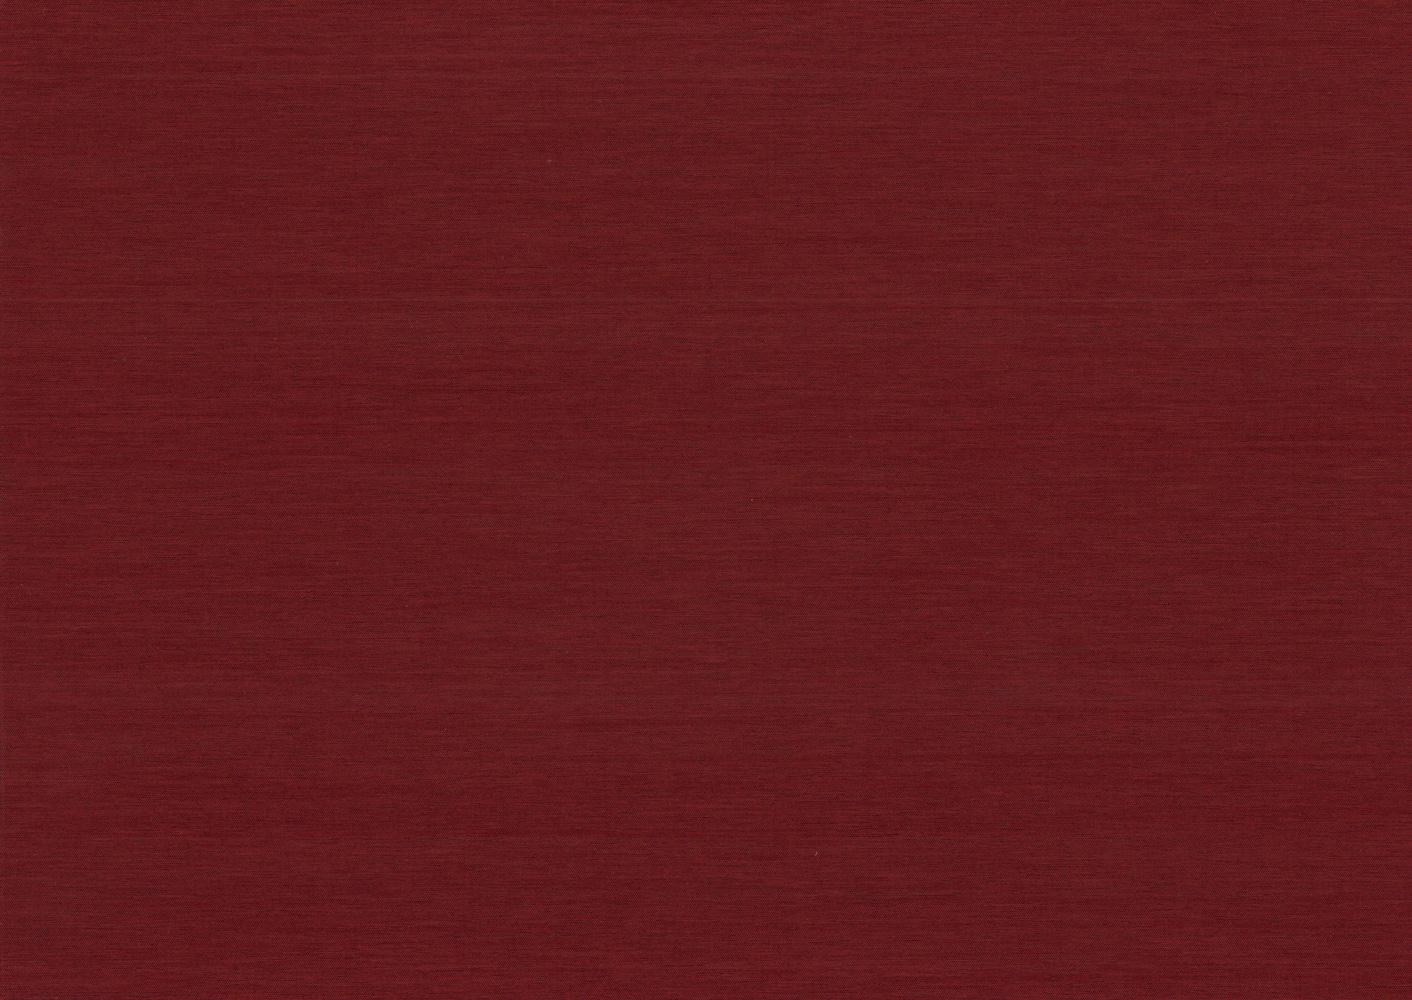 Рулонные кассетные шторы УНИ - Лусто-бордовый